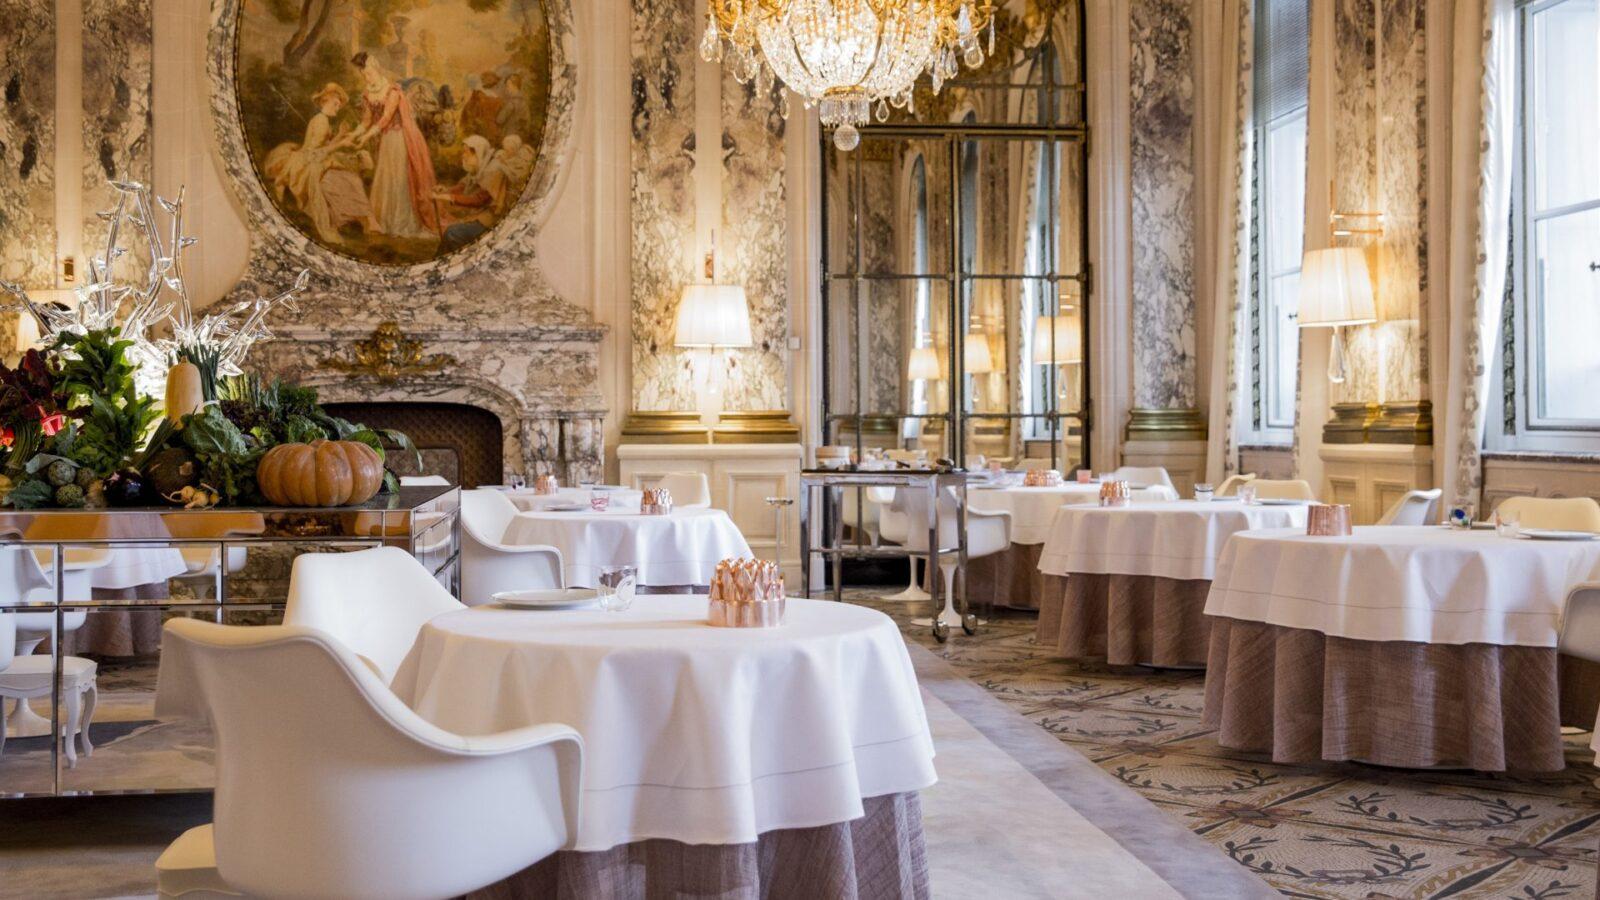 Restaurant le Meurice Alain Ducasse - Le Meurice, Paris